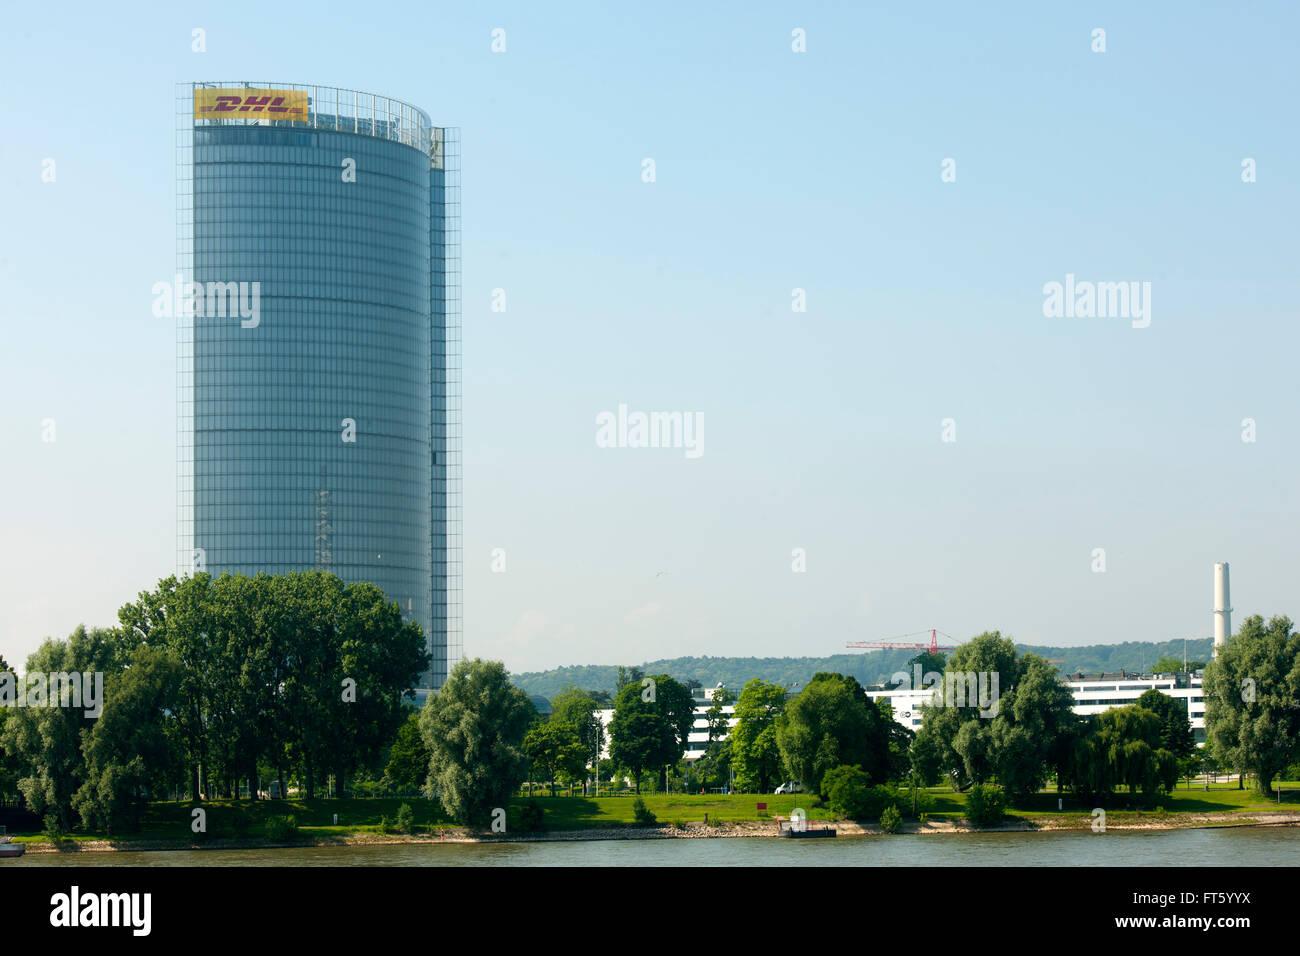 Deutschland, Nordrhein-Westfalen, Bonn, Post Tower - Stock Image